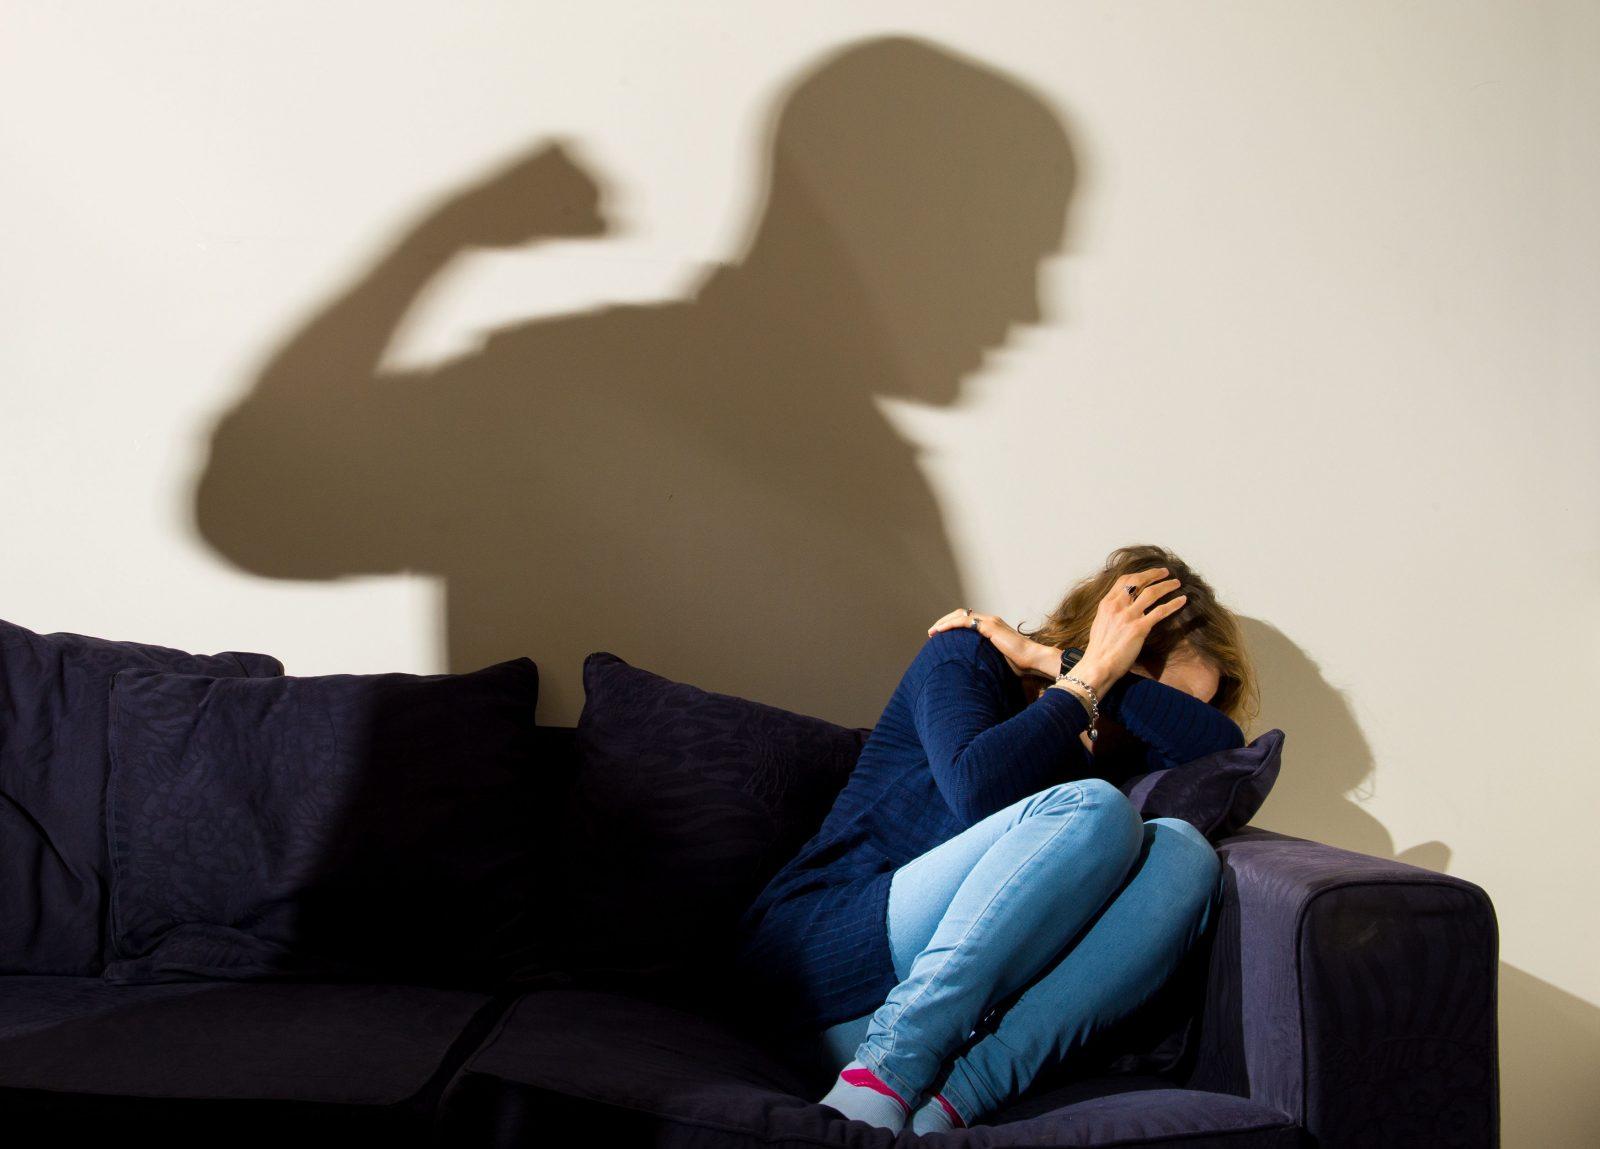 Mann erhebt die Hand gegen Frau: Die Grünen fordern frauenfeindlich motivierte Gewalt als solche in der Kriminalitätsstatistik zu benennen